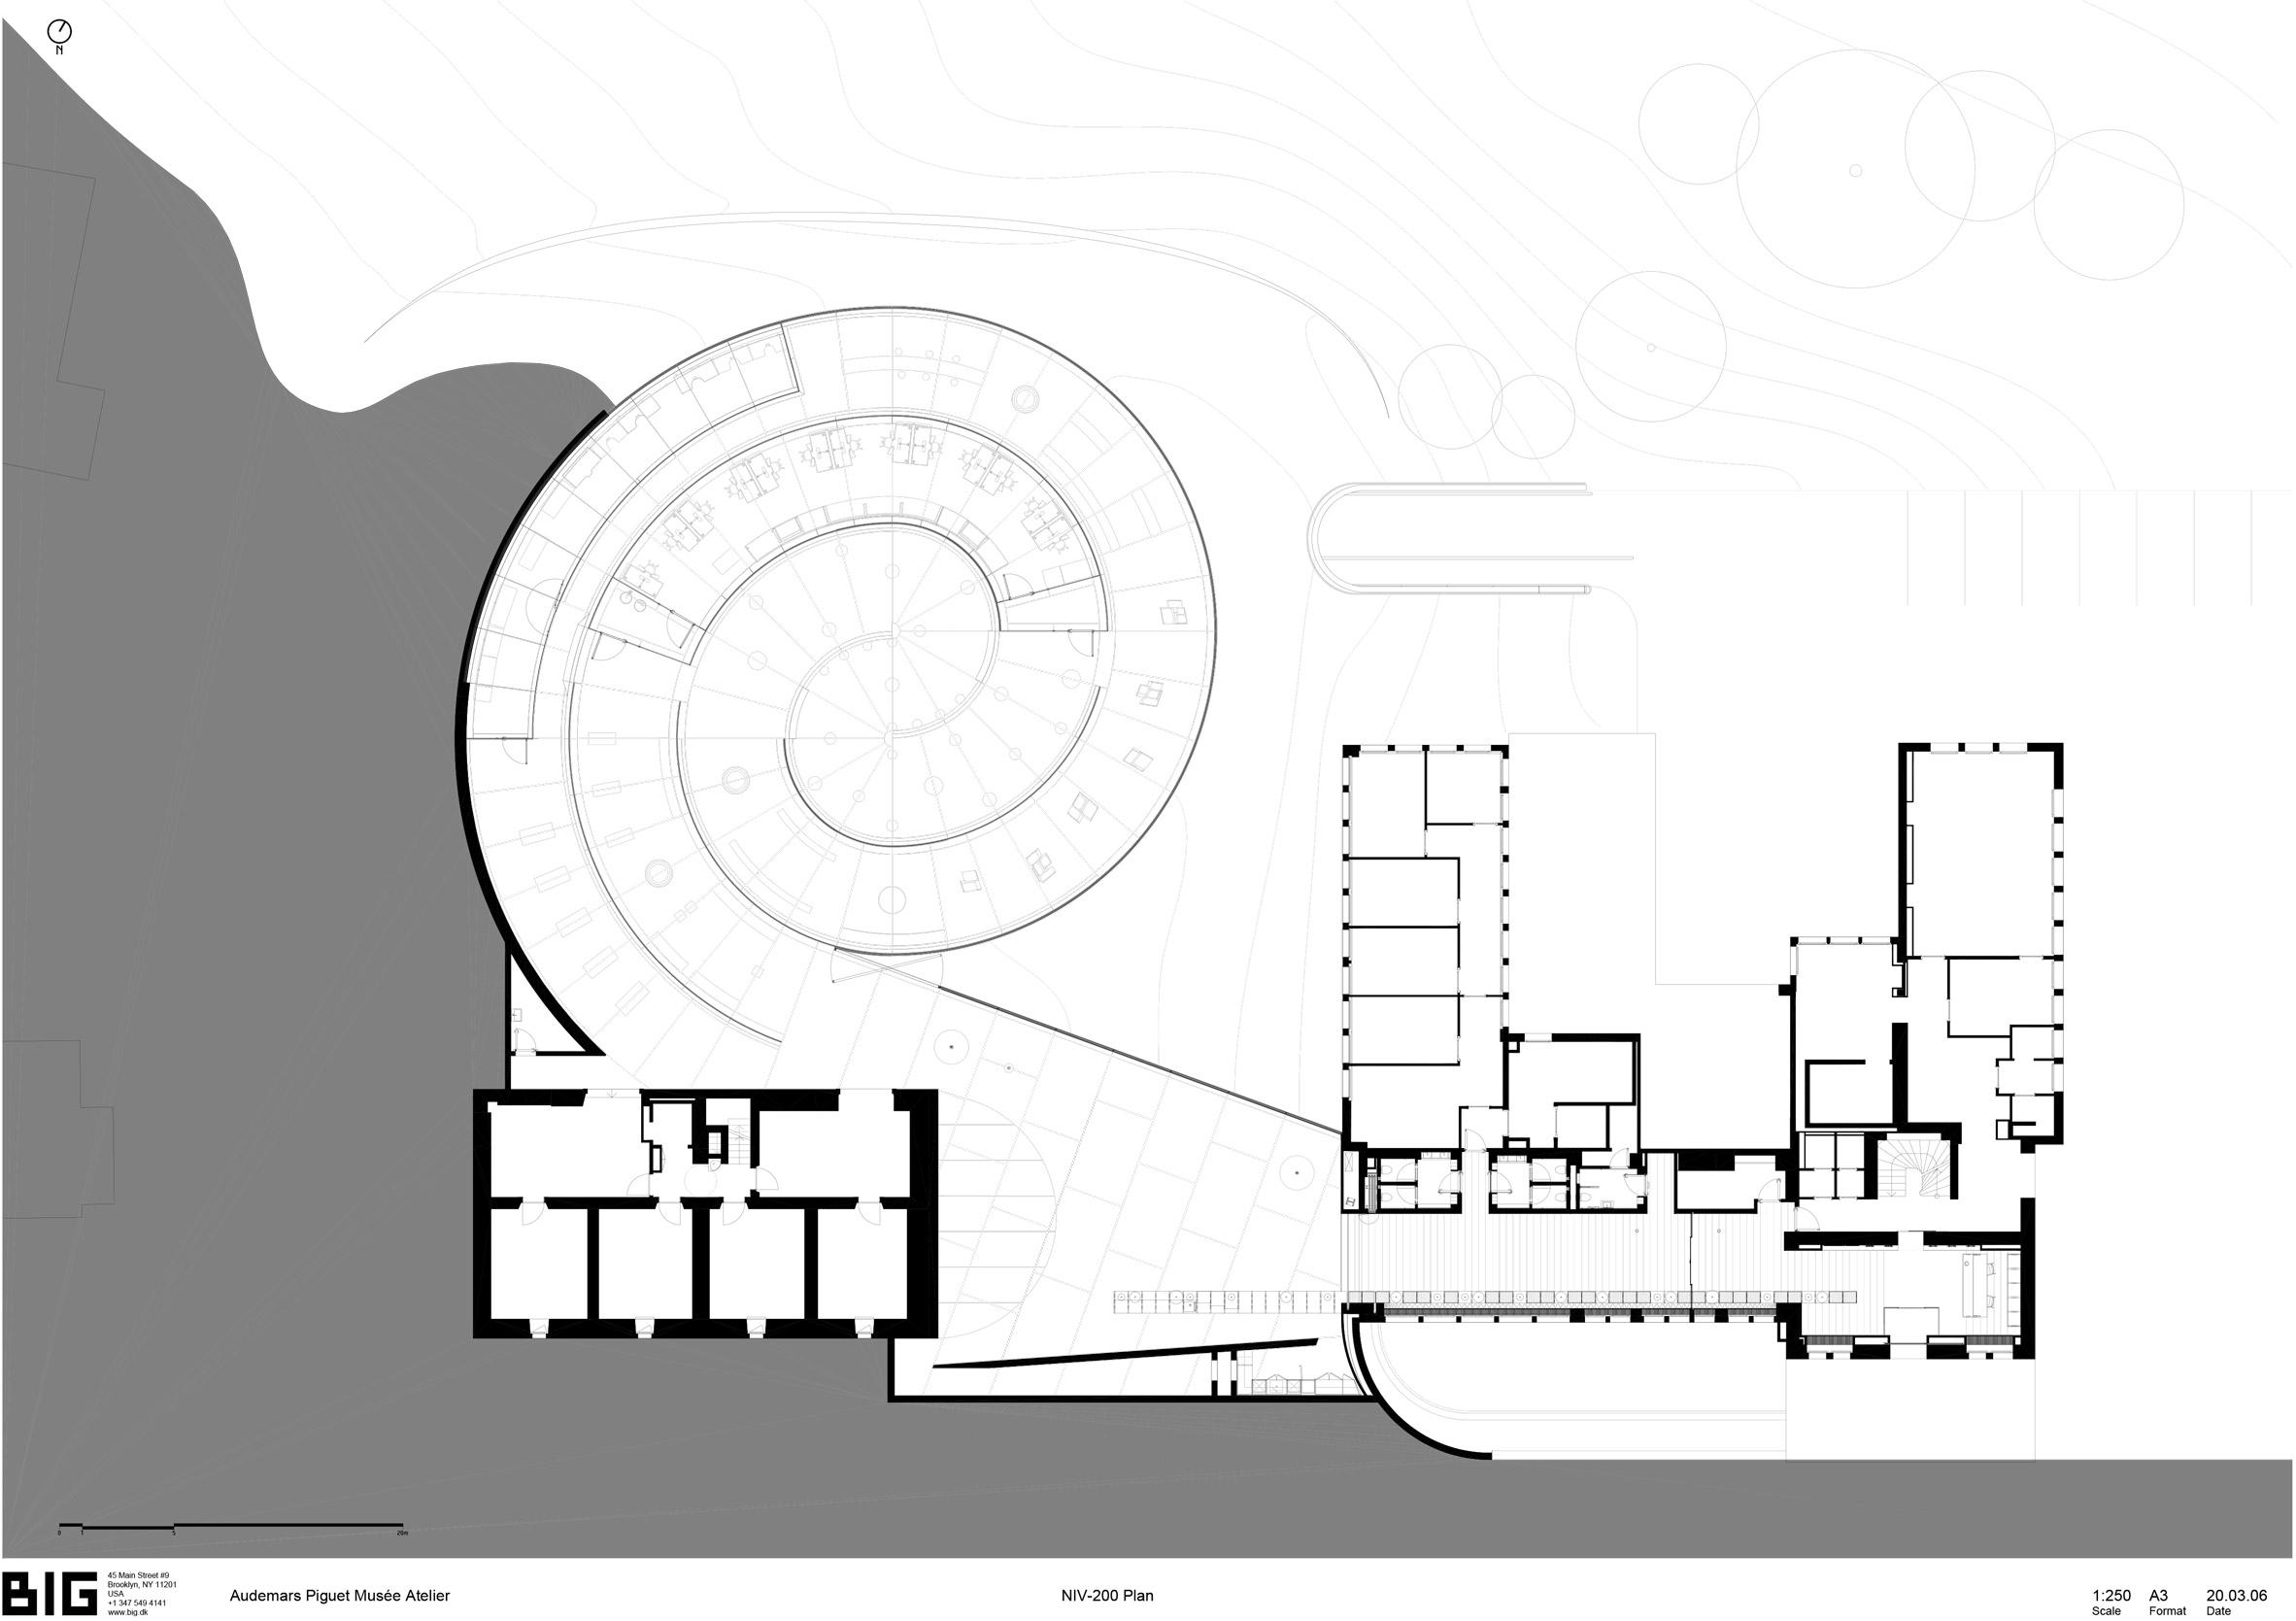 9_musee-atelier-audemar-piguet-big-archiecture-photography-iwan-baan_dezeen_2364_plan-1.jpg